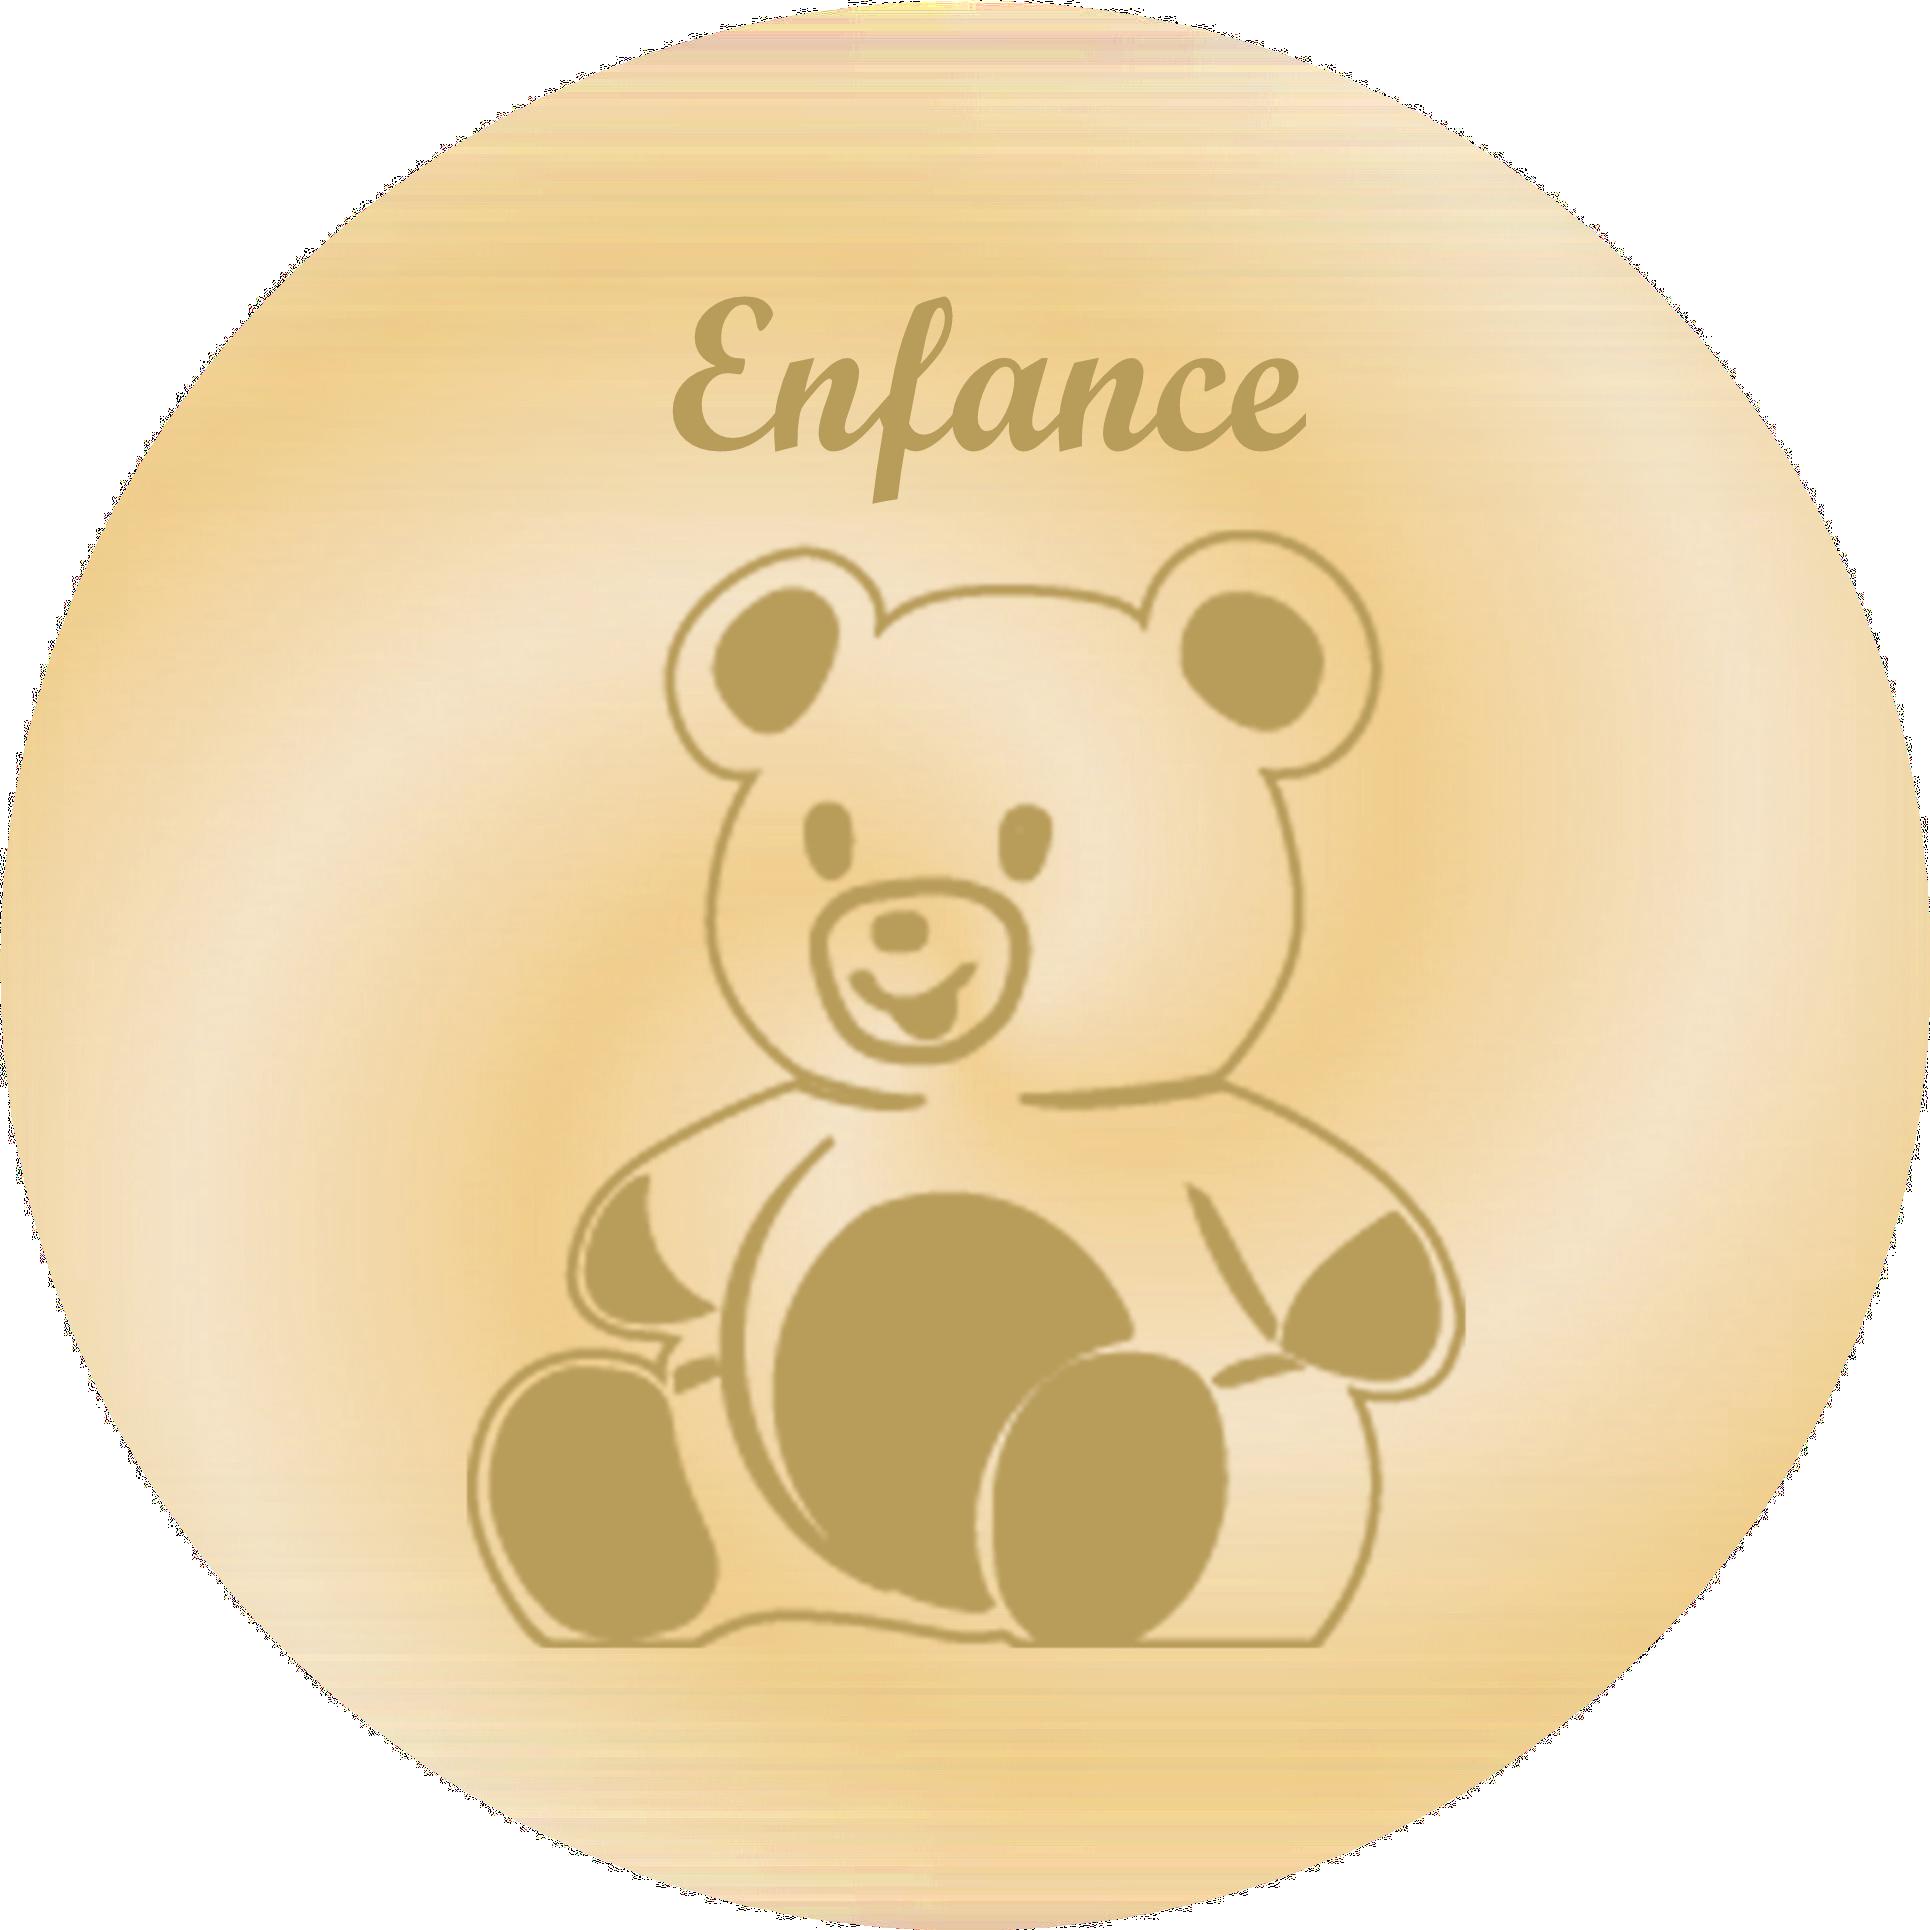 Enfance - Plaques funéraires gravées or